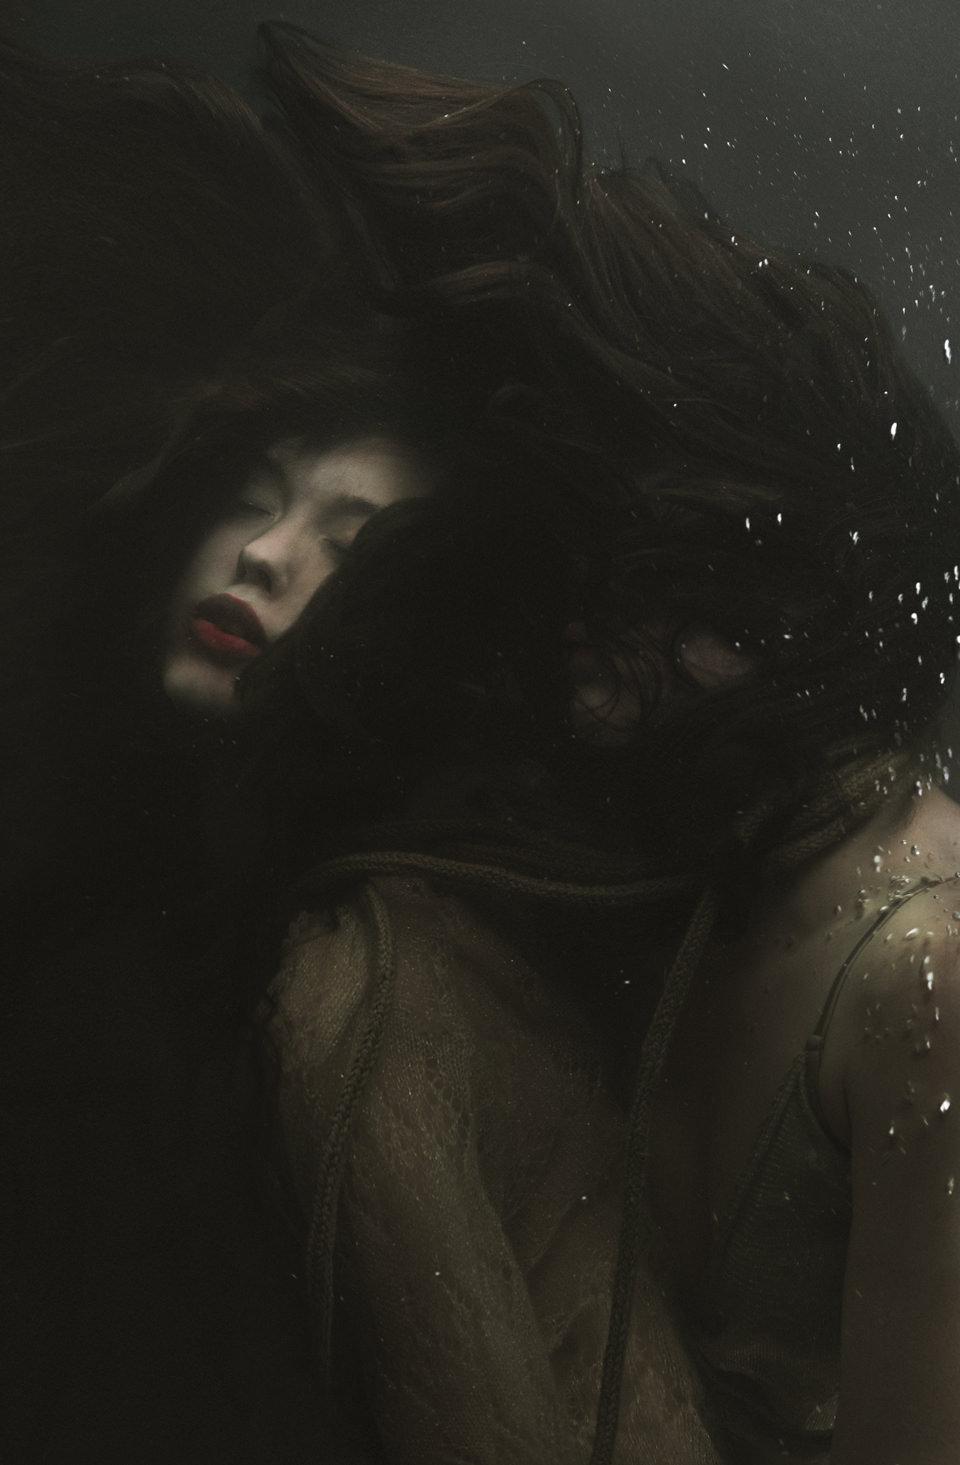 Eine Frau taucht und viele kleine Luftbläschen steigen auf.